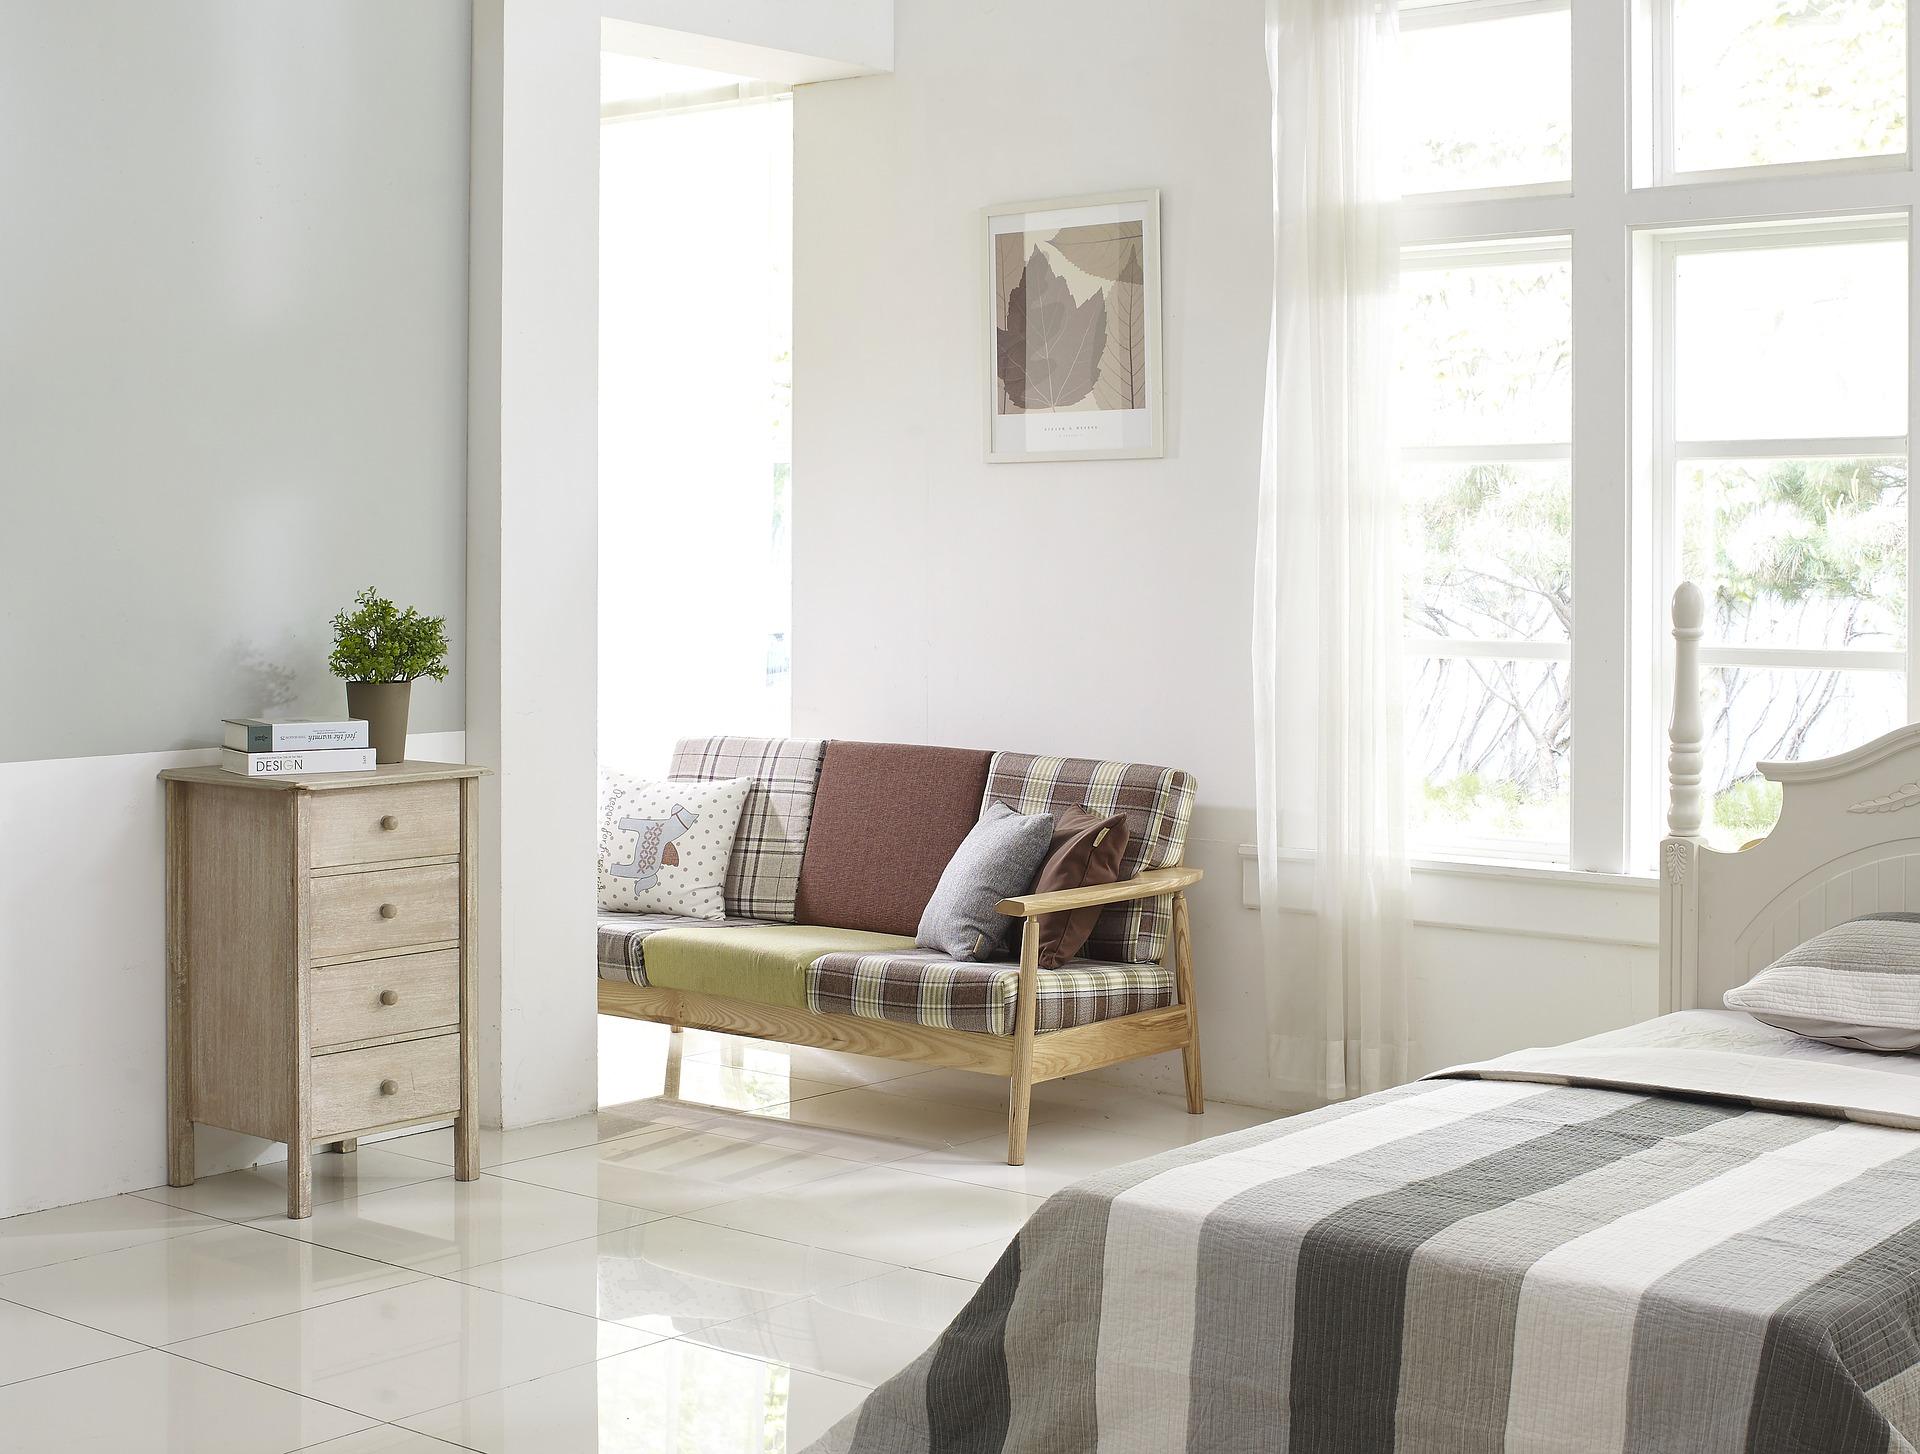 Fußboden Zu Kalt ~ Welcher boden passt ins schlafzimmer? m. wawer gmbh & co. kg